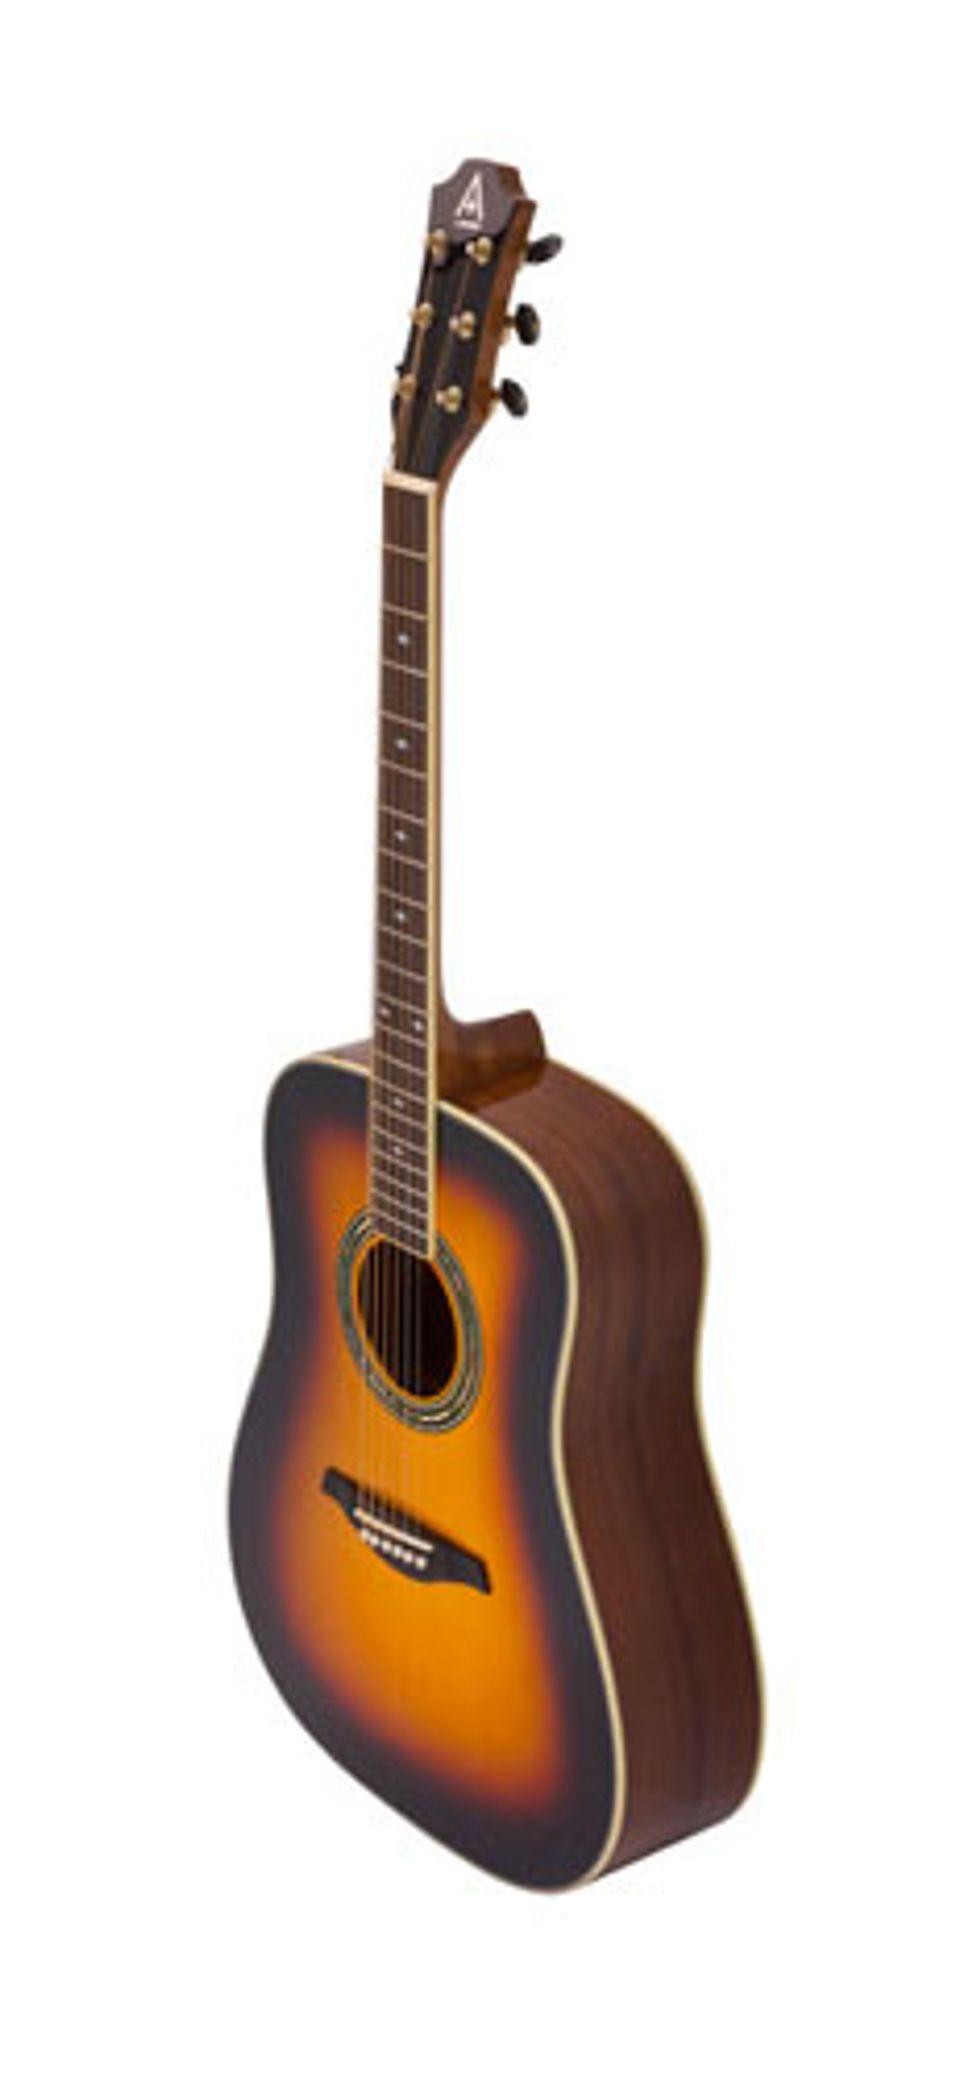 hohner expands a acoustic guitar line 2014 12 15 premier guitar. Black Bedroom Furniture Sets. Home Design Ideas